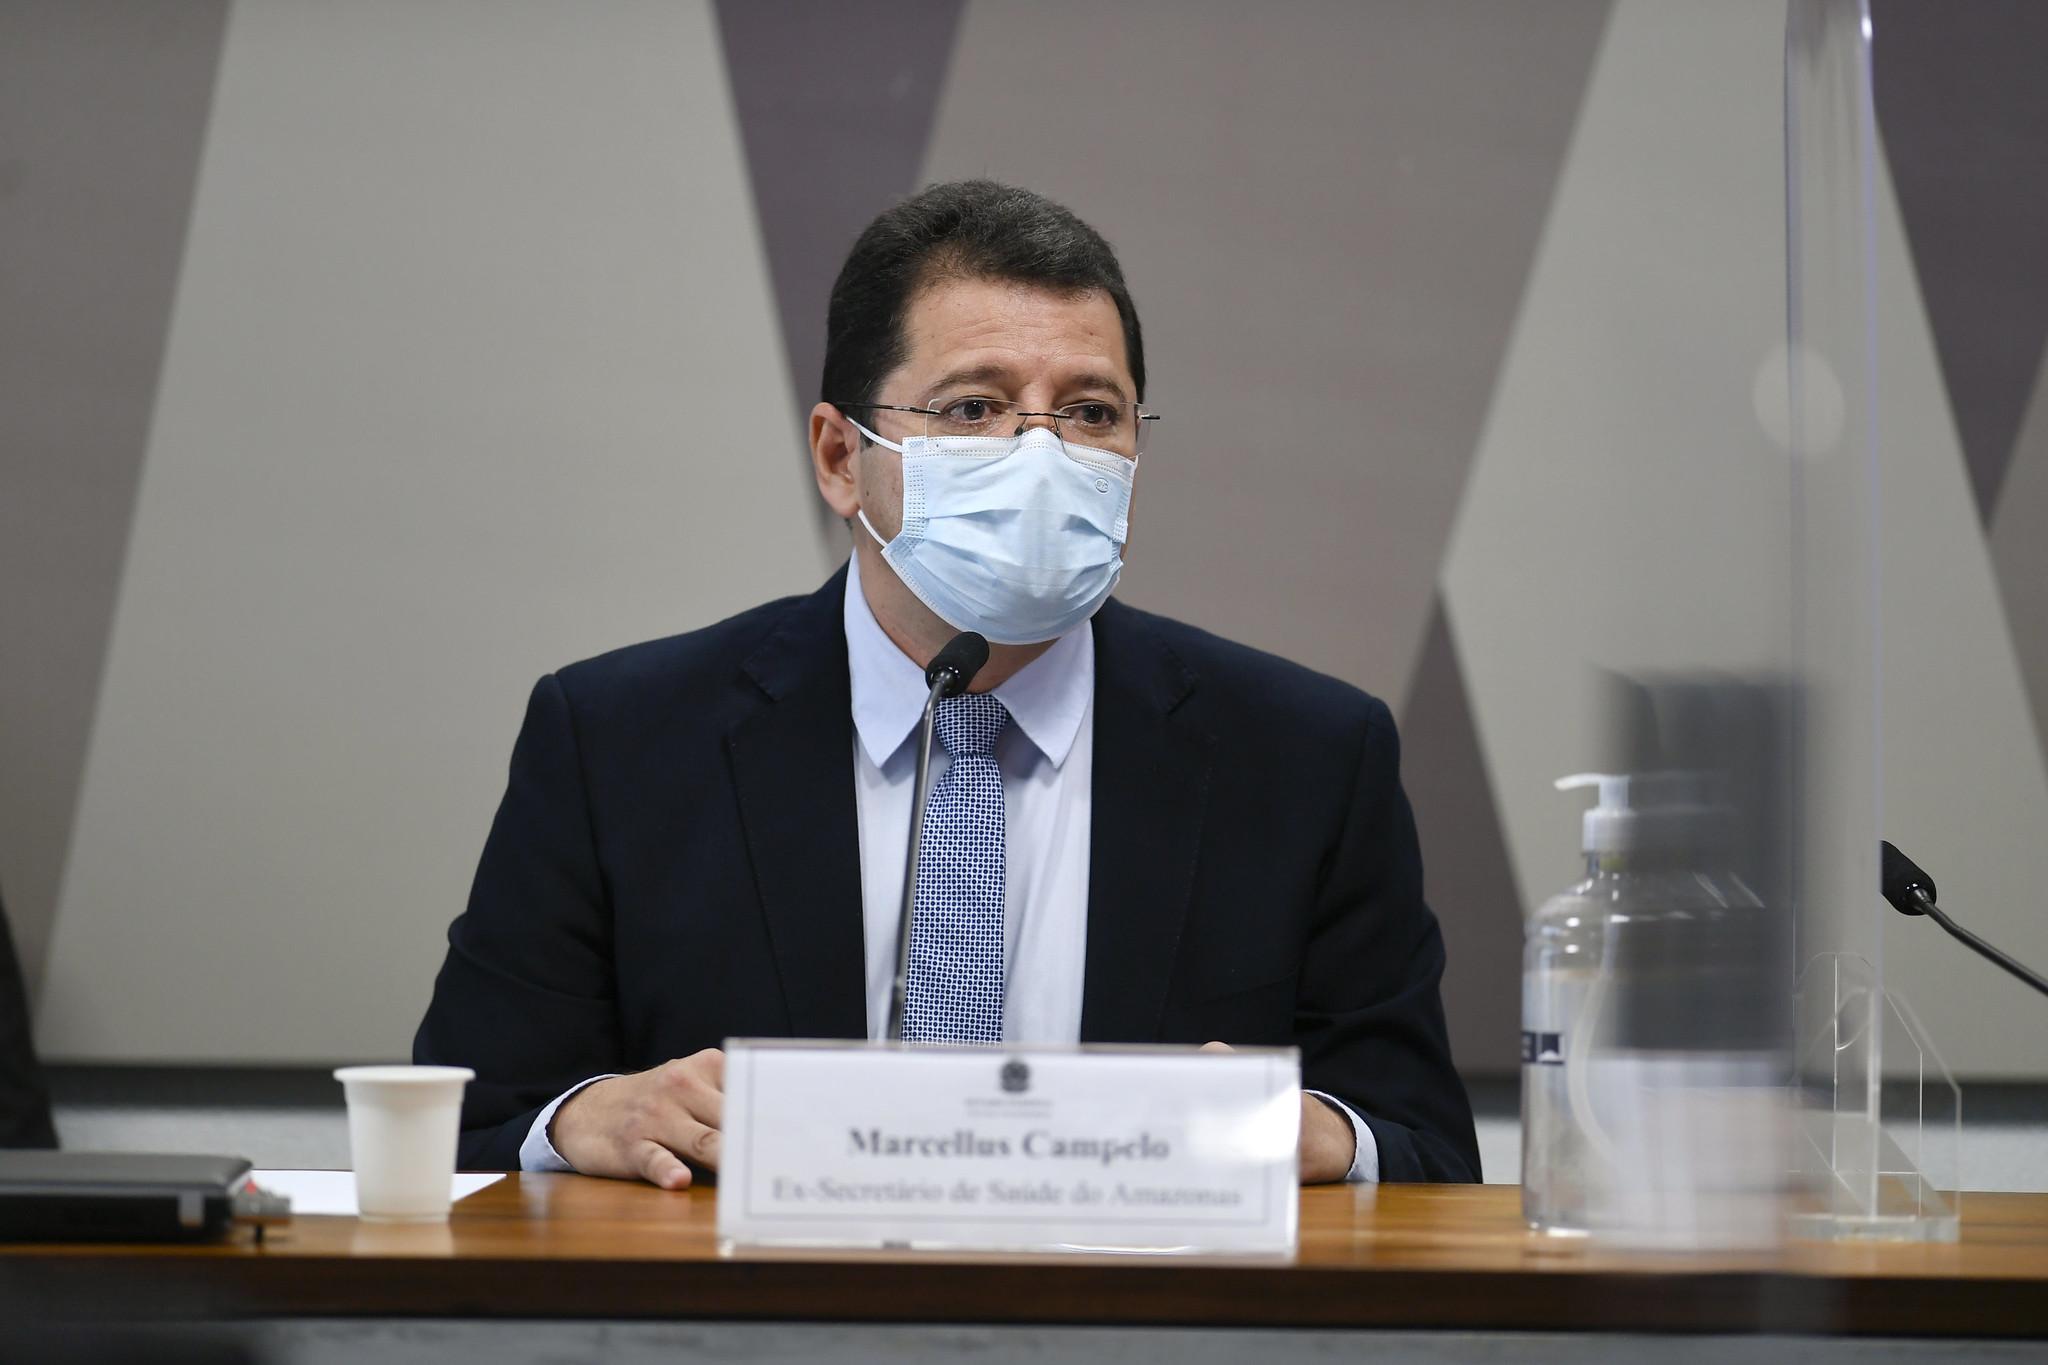 """IMAGEM: """"Faltou tudo. Só não faltou vergonha ao ministro da Saúde"""", diz Otto Alencar, sobre crise em Manaus"""